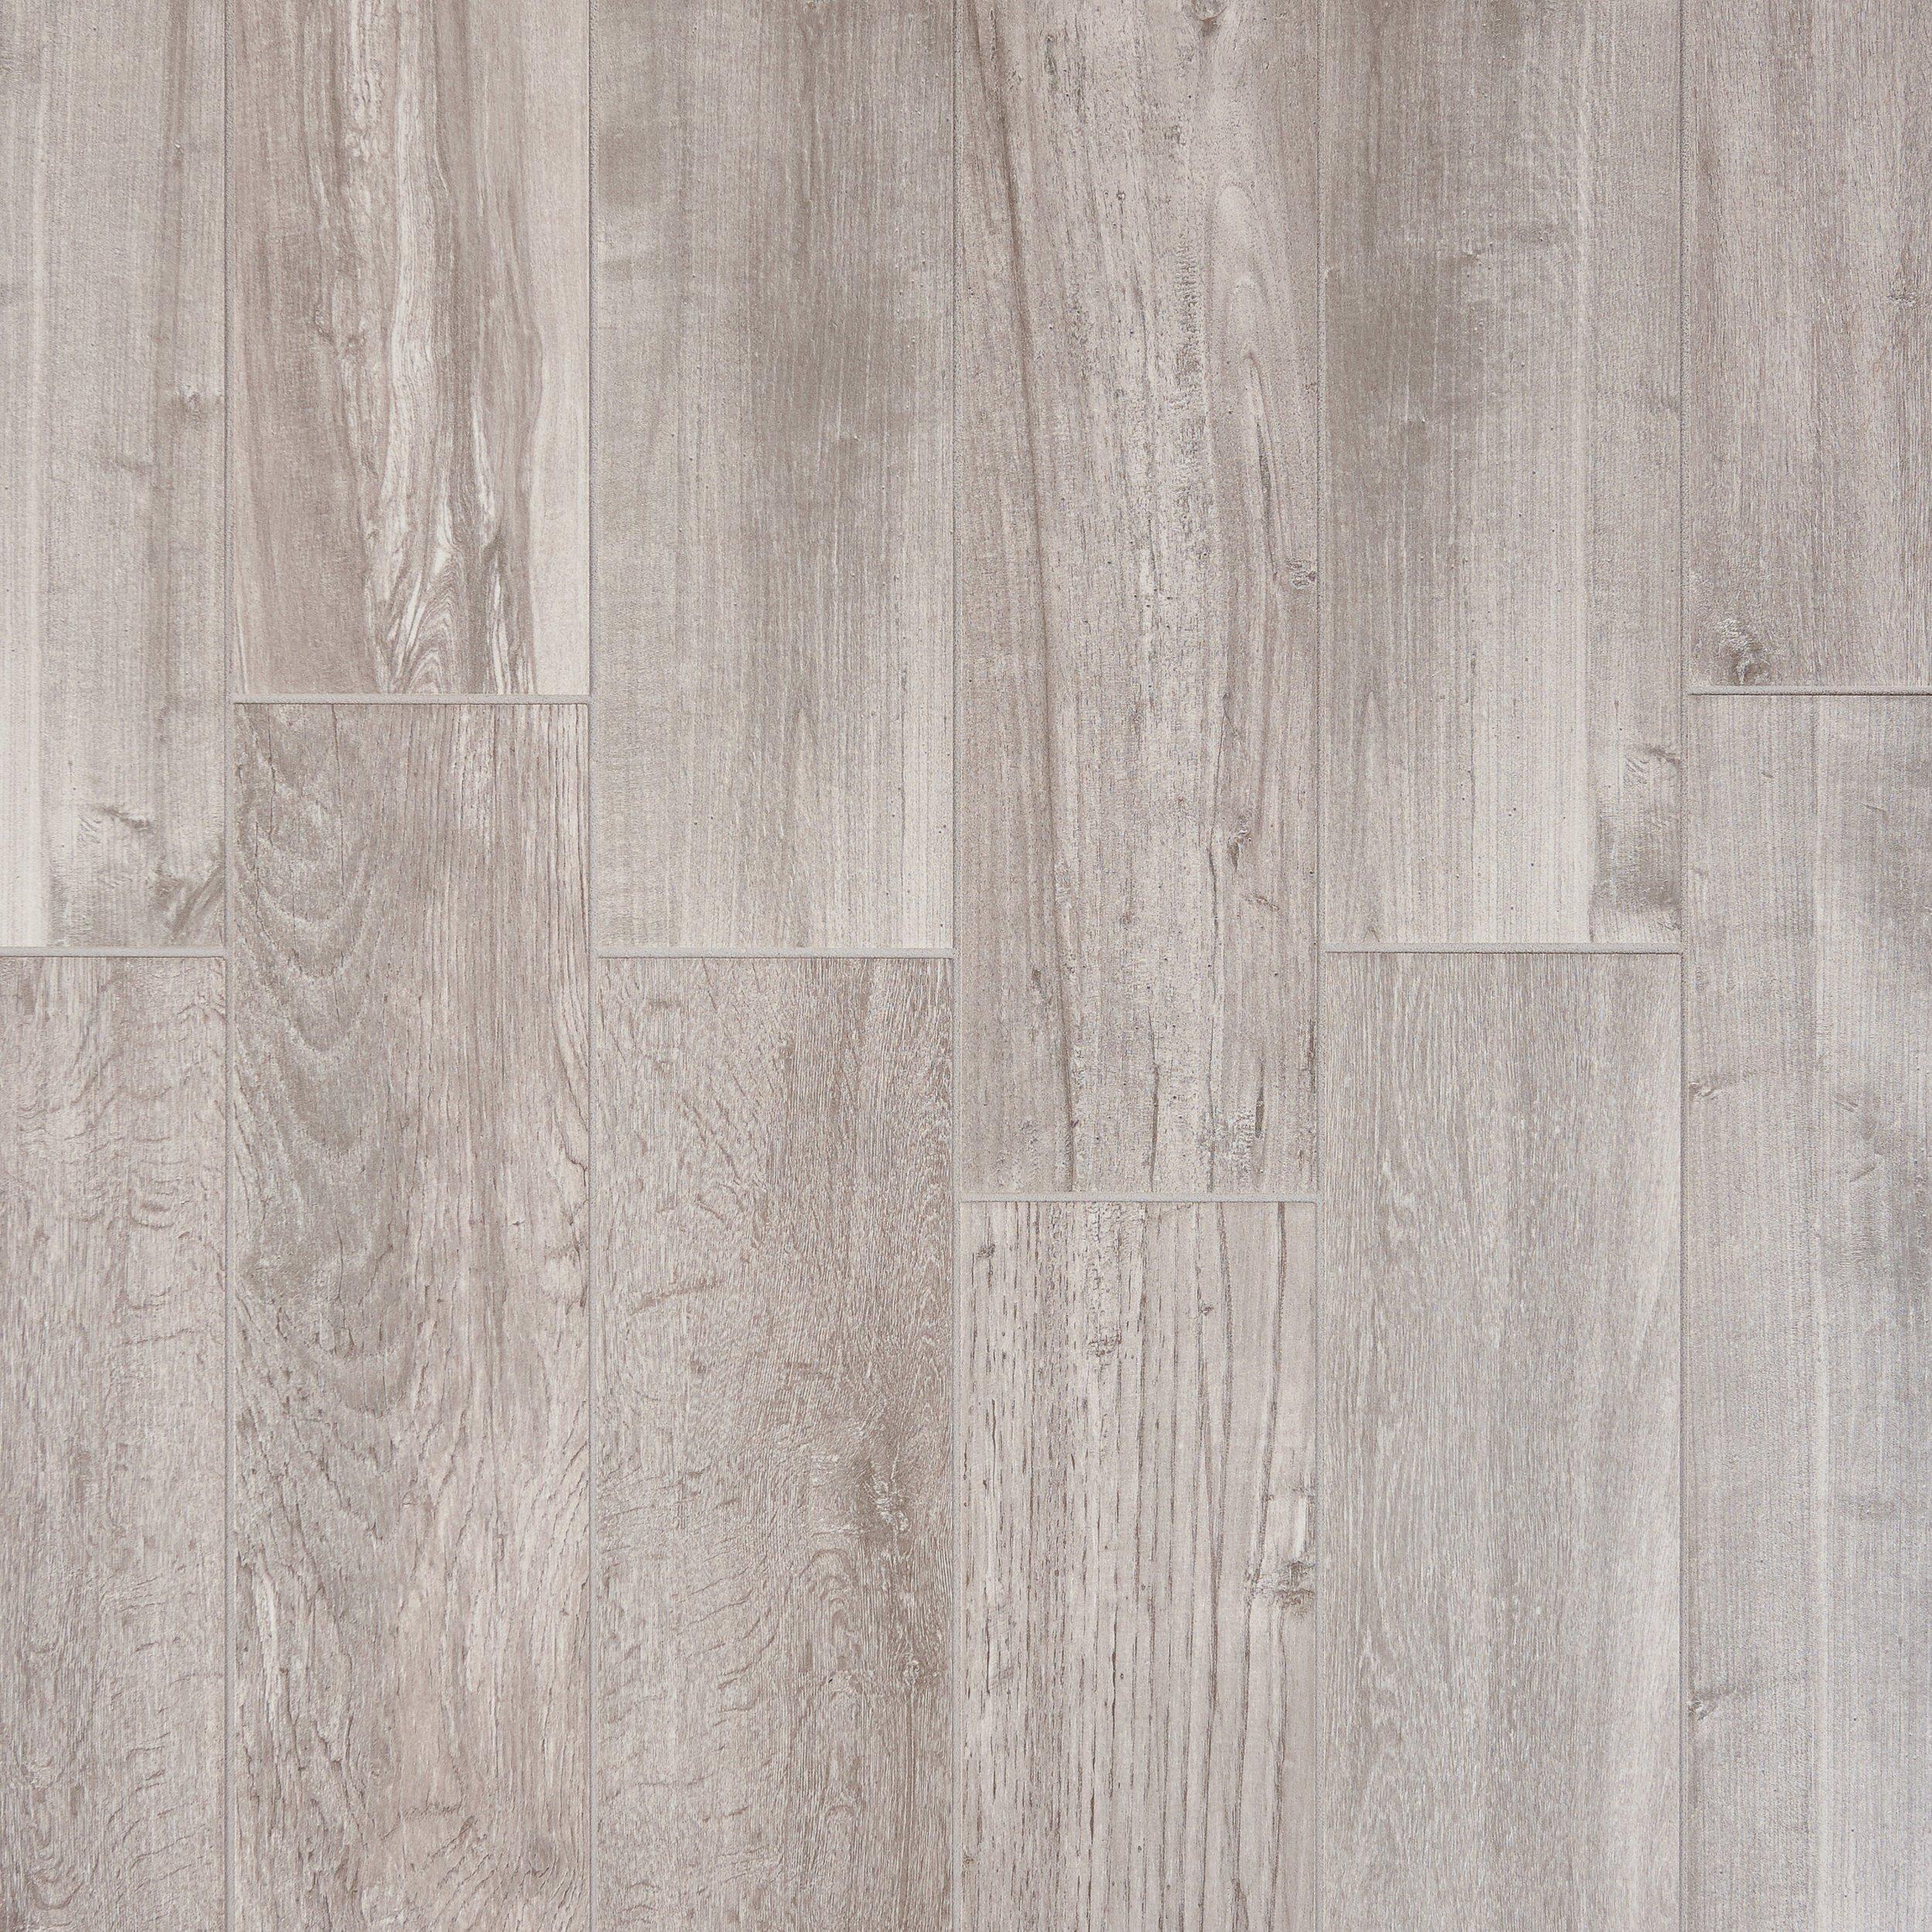 Lumber Gray Wood Plank Porcelain Tile